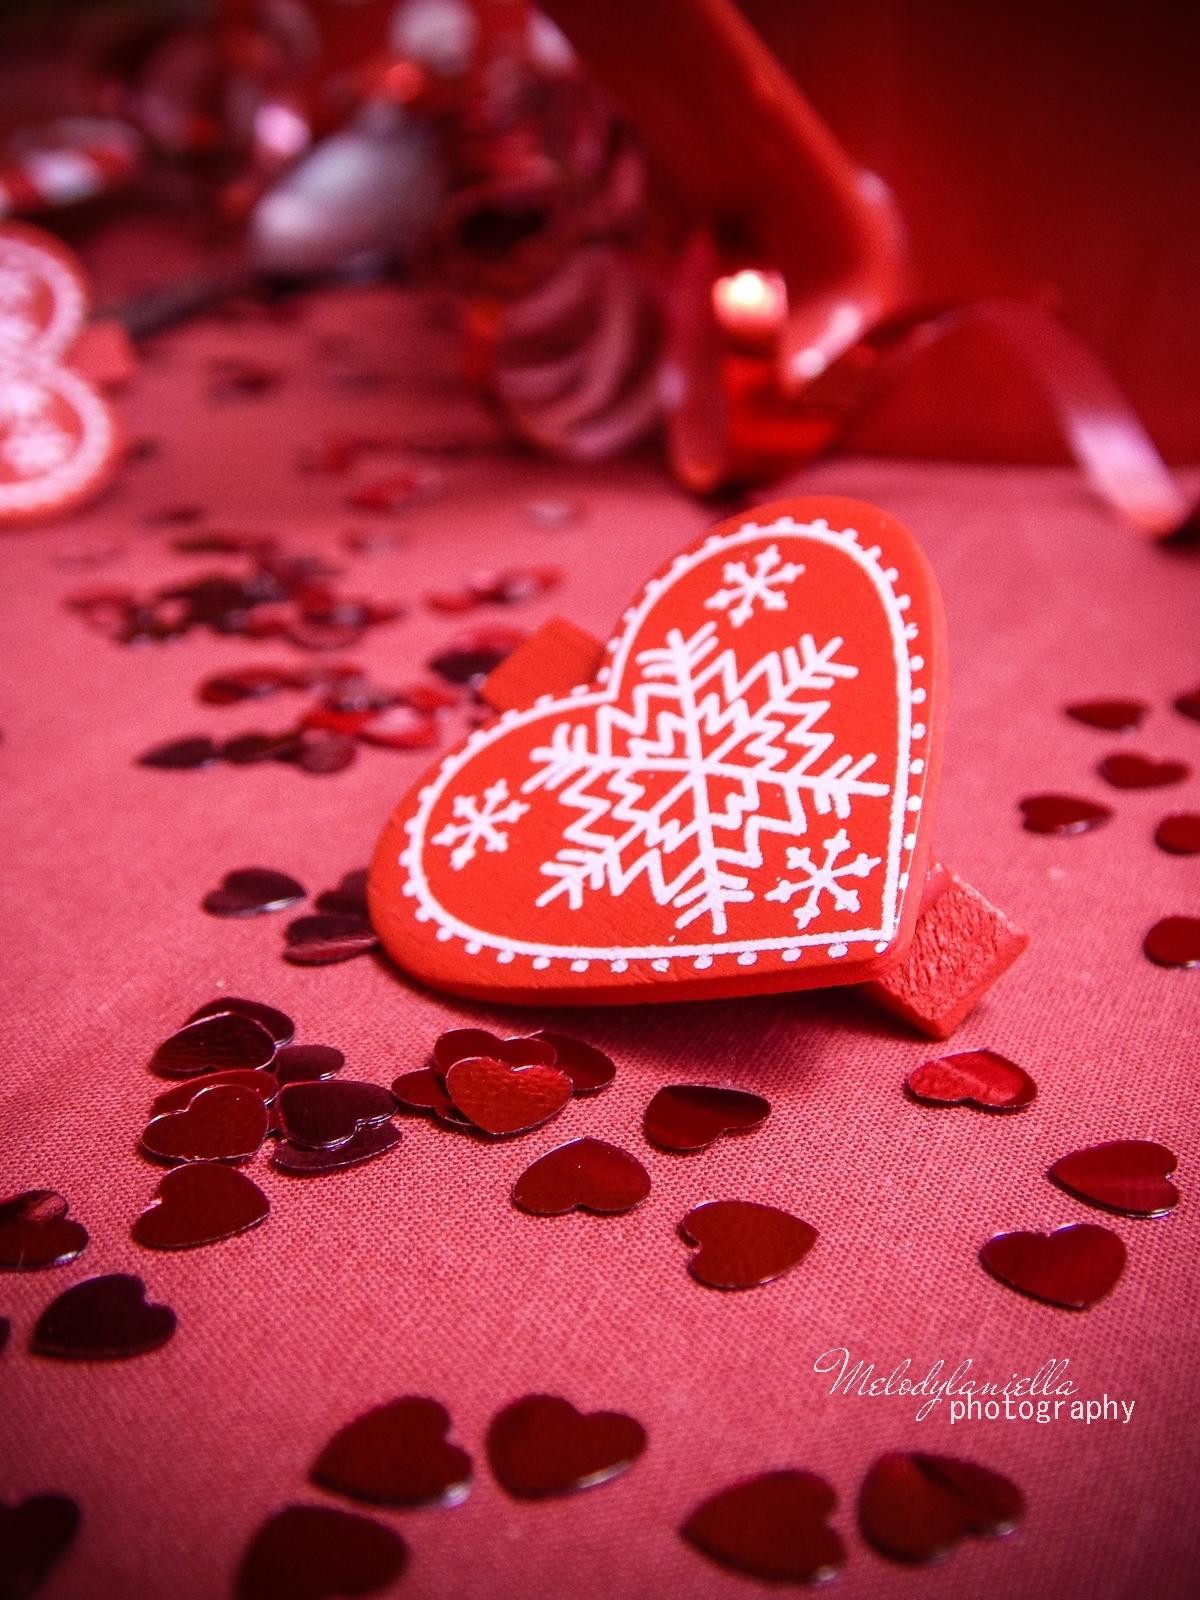 2 jak udekorować stół na walentynki walentynkowa kolacja pomysły na walentynkowe prezenty walentynkowe dekoracje home interior valentines blog melodylaniella partybox red walentynkowe dodatki